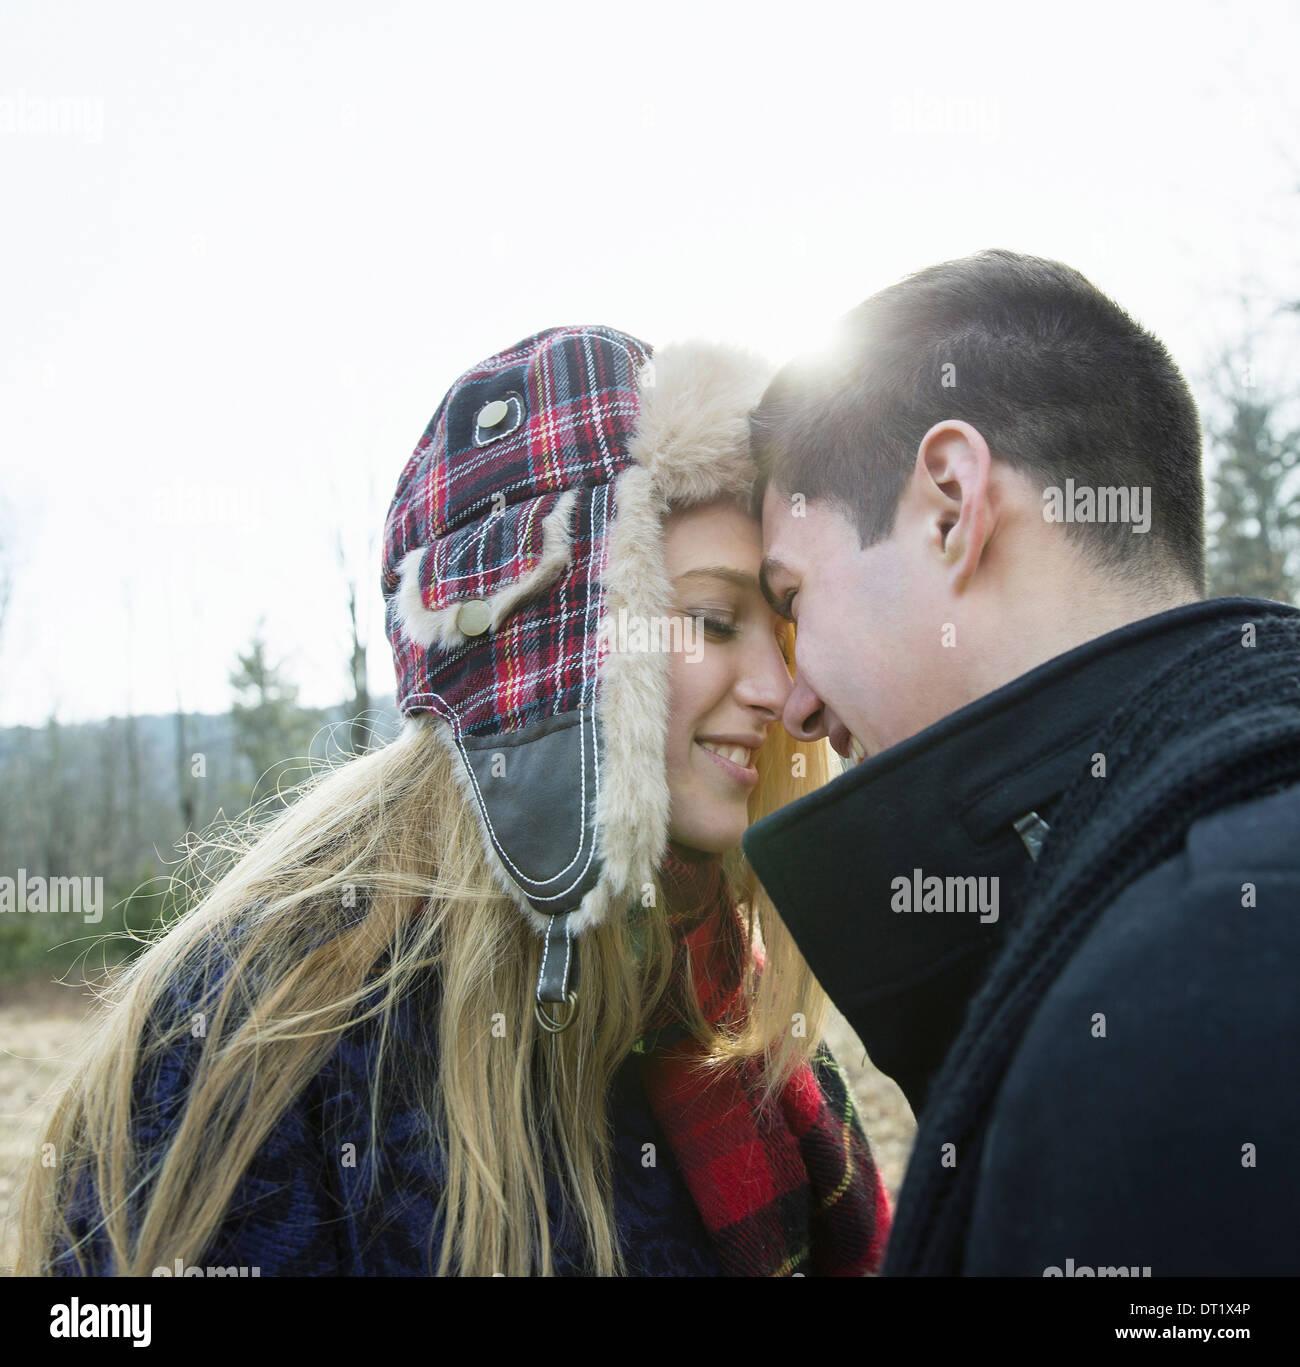 Un couple jeune homme et femme faire place au face à face à l'extérieur sur une froide journée d'hiver Photo Stock